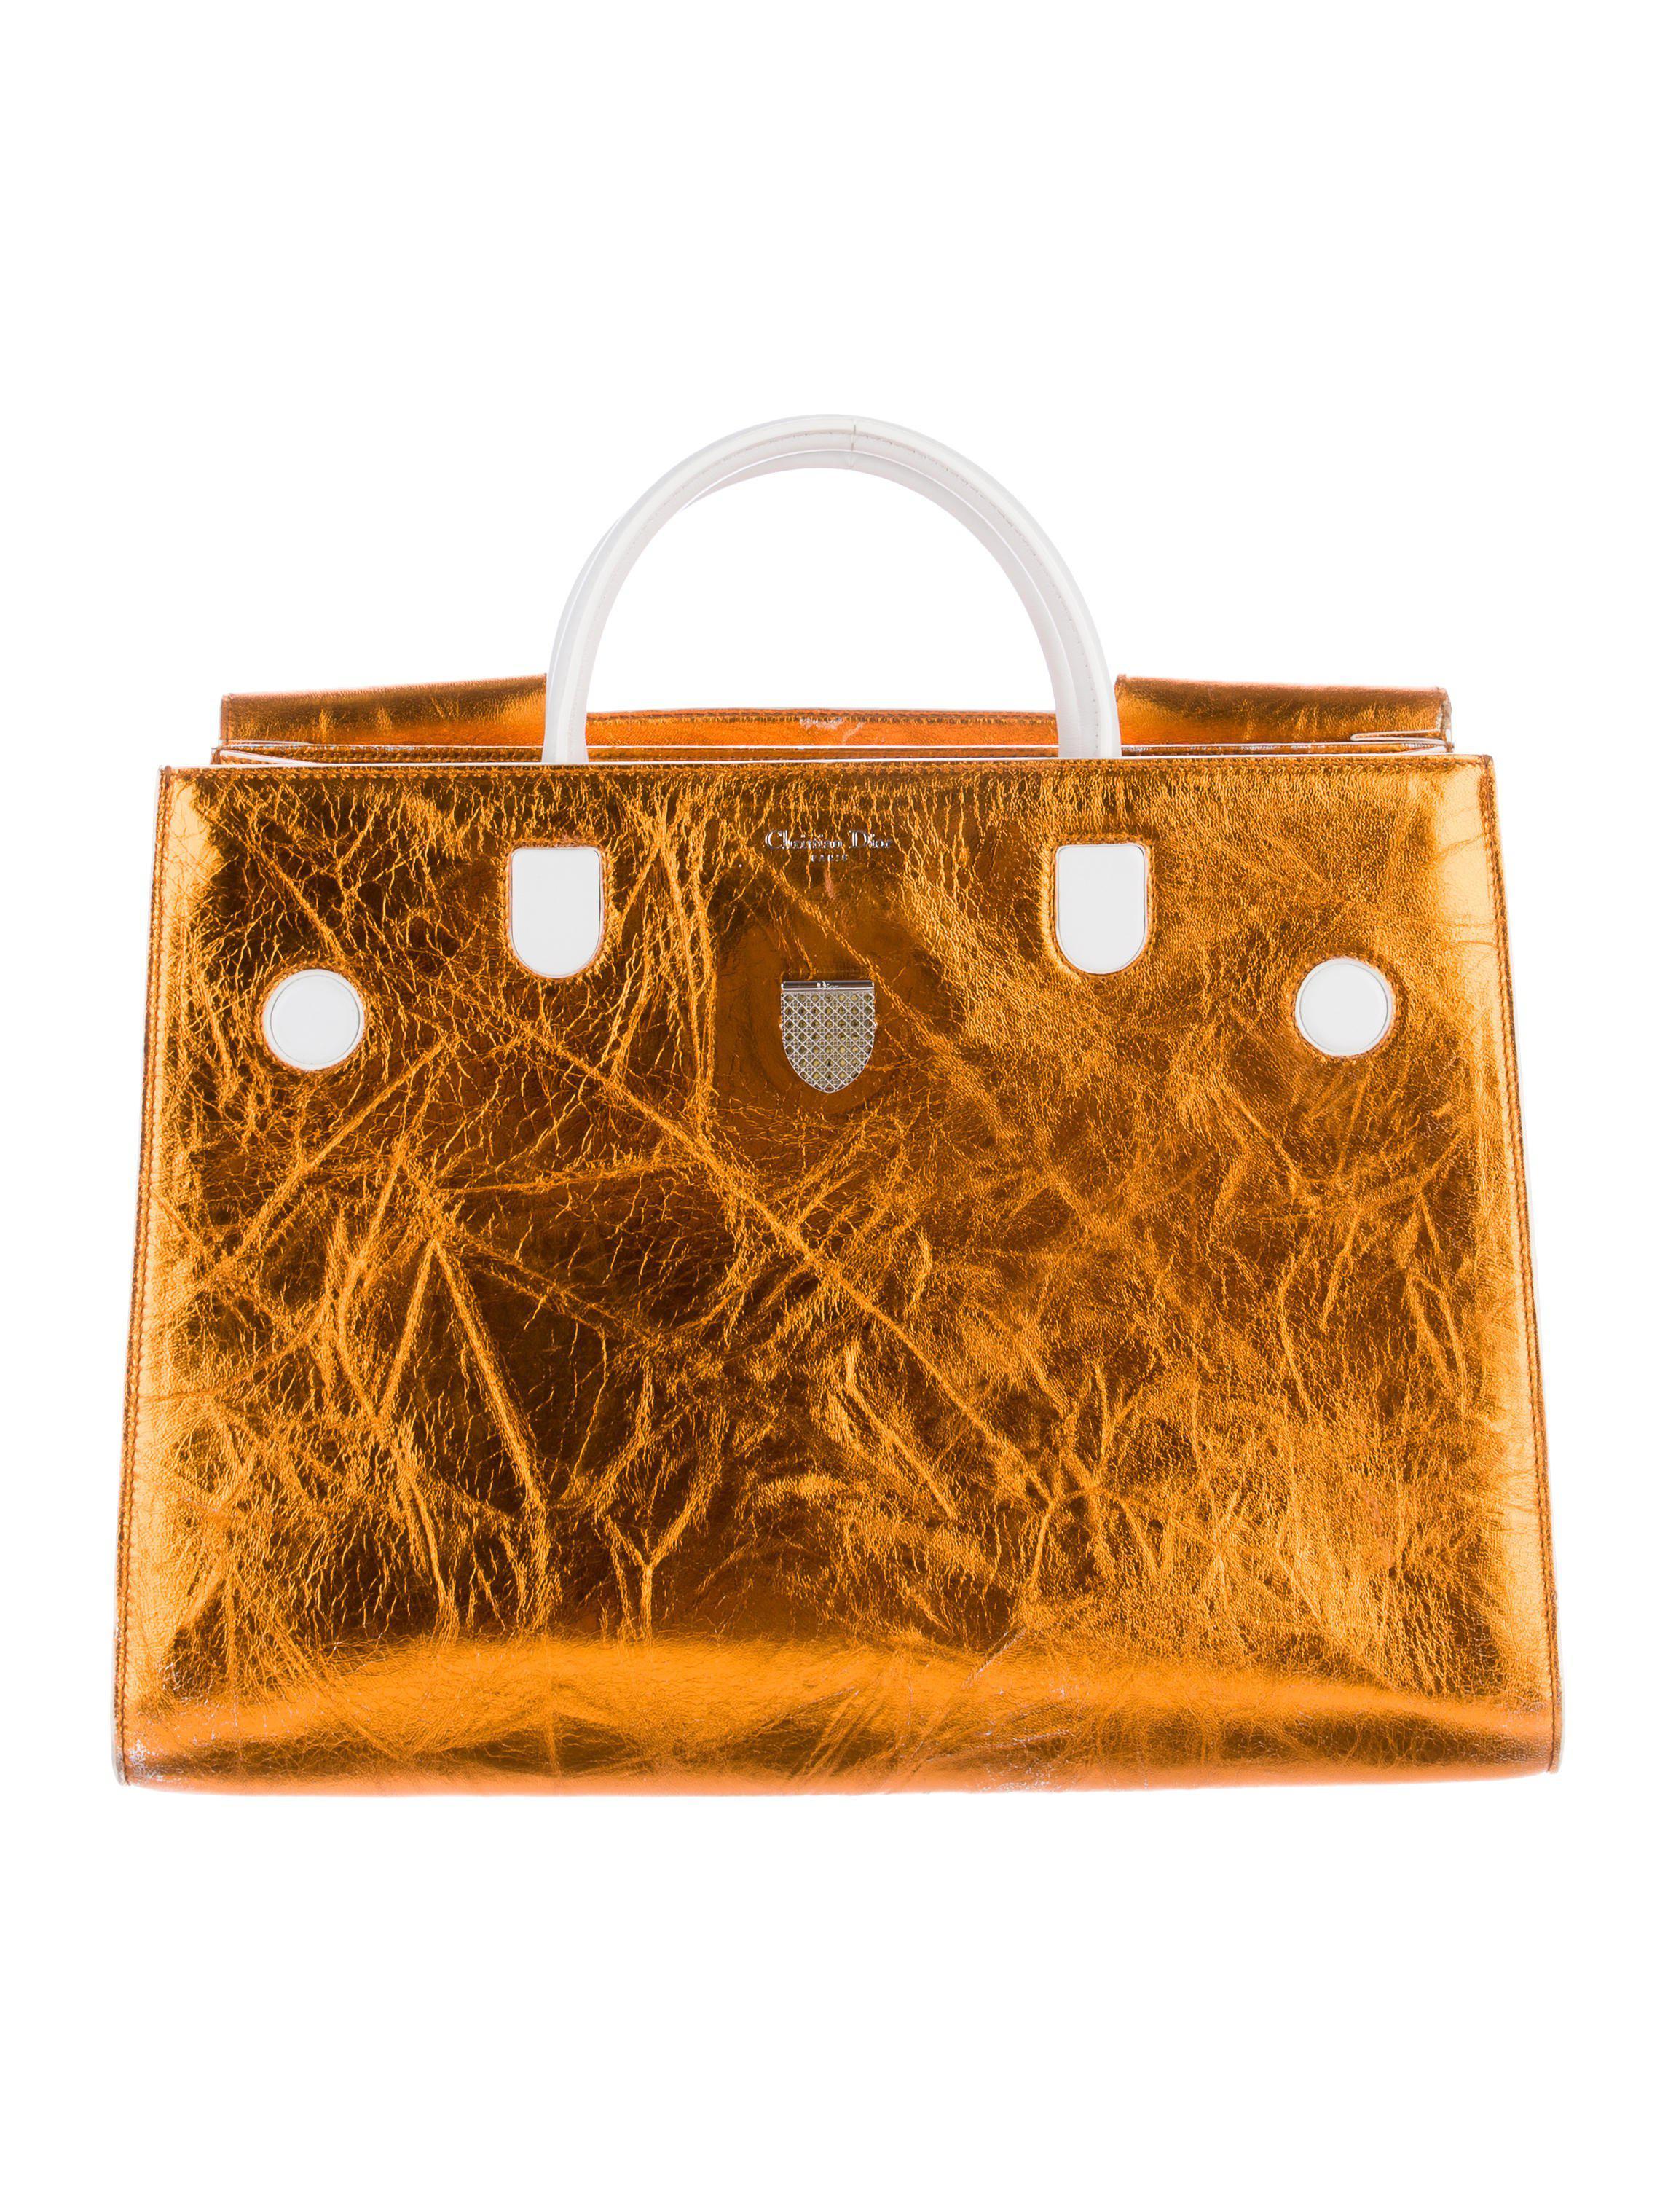 91a73379c3a0 Lyst - Dior 2016 Diorever Bag in Metallic